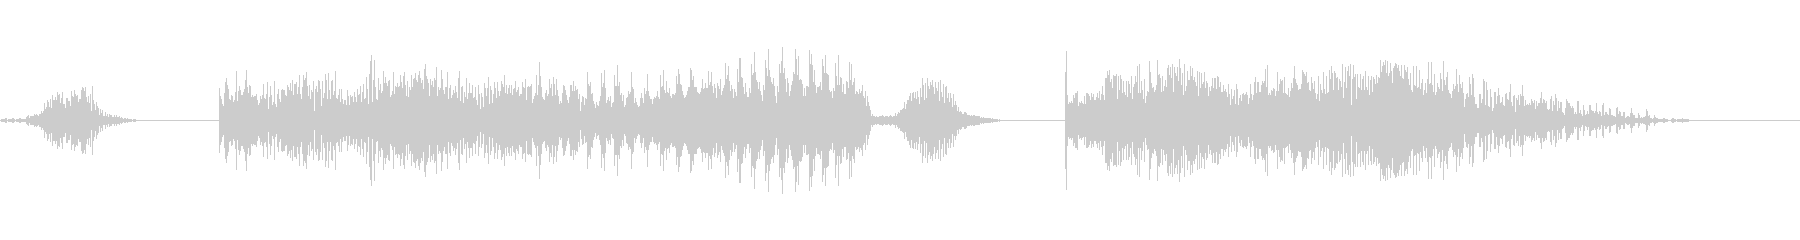 どっこいしょー!!×2 男性和風掛け声の未再生の波形